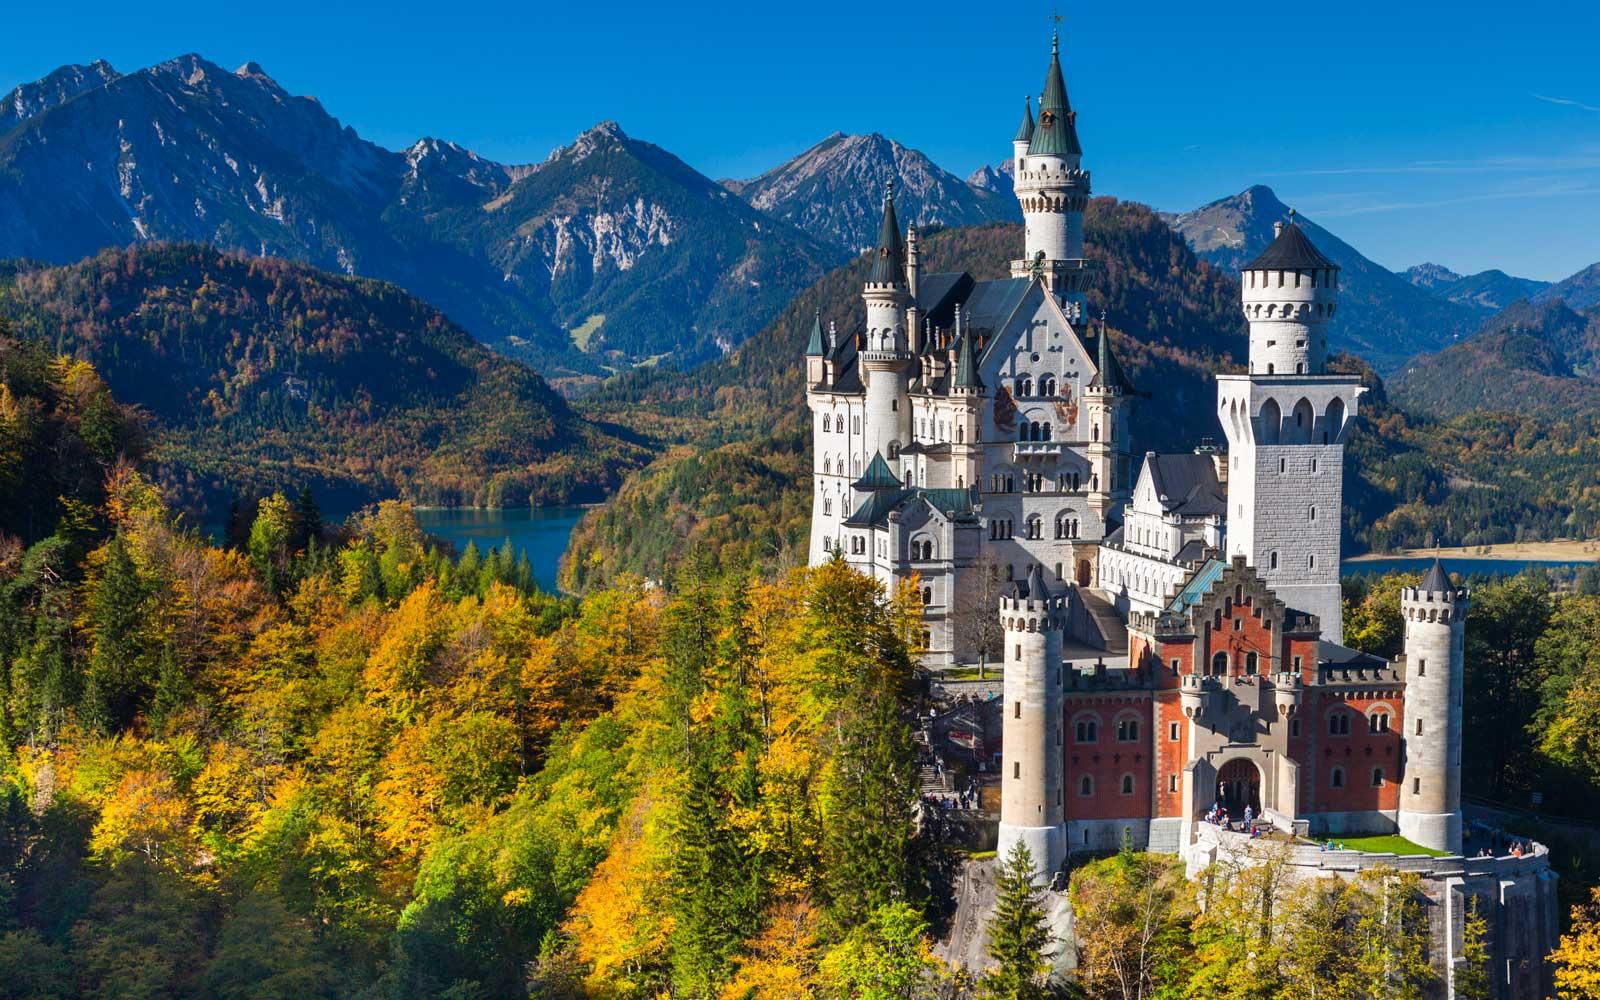 """Lâu đài Neuschwanstein (Schwangau, Đức): Nơi này được Ludwig Đệ nhị, vua của Bavaria, xây dựng vào năm 1869 làm nơi nghỉ dưỡng riêng tư. Dù không có quyền lực thực sự, Ludwig Đệ nhị vẫn giữ quan điểm lãng mạn về một vị vua. Ông mơ ước sống ẩn dật trong một lâu đài lớn trên đỉnh núi, giữa nghệ thuật và kiến trúc. Đó là lý do Neuschwanstein được xây dựng. Năm 1886, vị vua chết đuối một cách bí ẩn, trước khi lâu đài hoàn thành và được ngưỡng mộ bởi hàng triệu người. Trong đó, Walt Disney thích nơi này đến mức nhiều người tin rằng ông đã tạo hình cho lâu đài """"Người đẹp ngủ trong rừng"""" ở Disneyland theo kiến trúc của nó. Ảnh: Wonderful Engineering."""